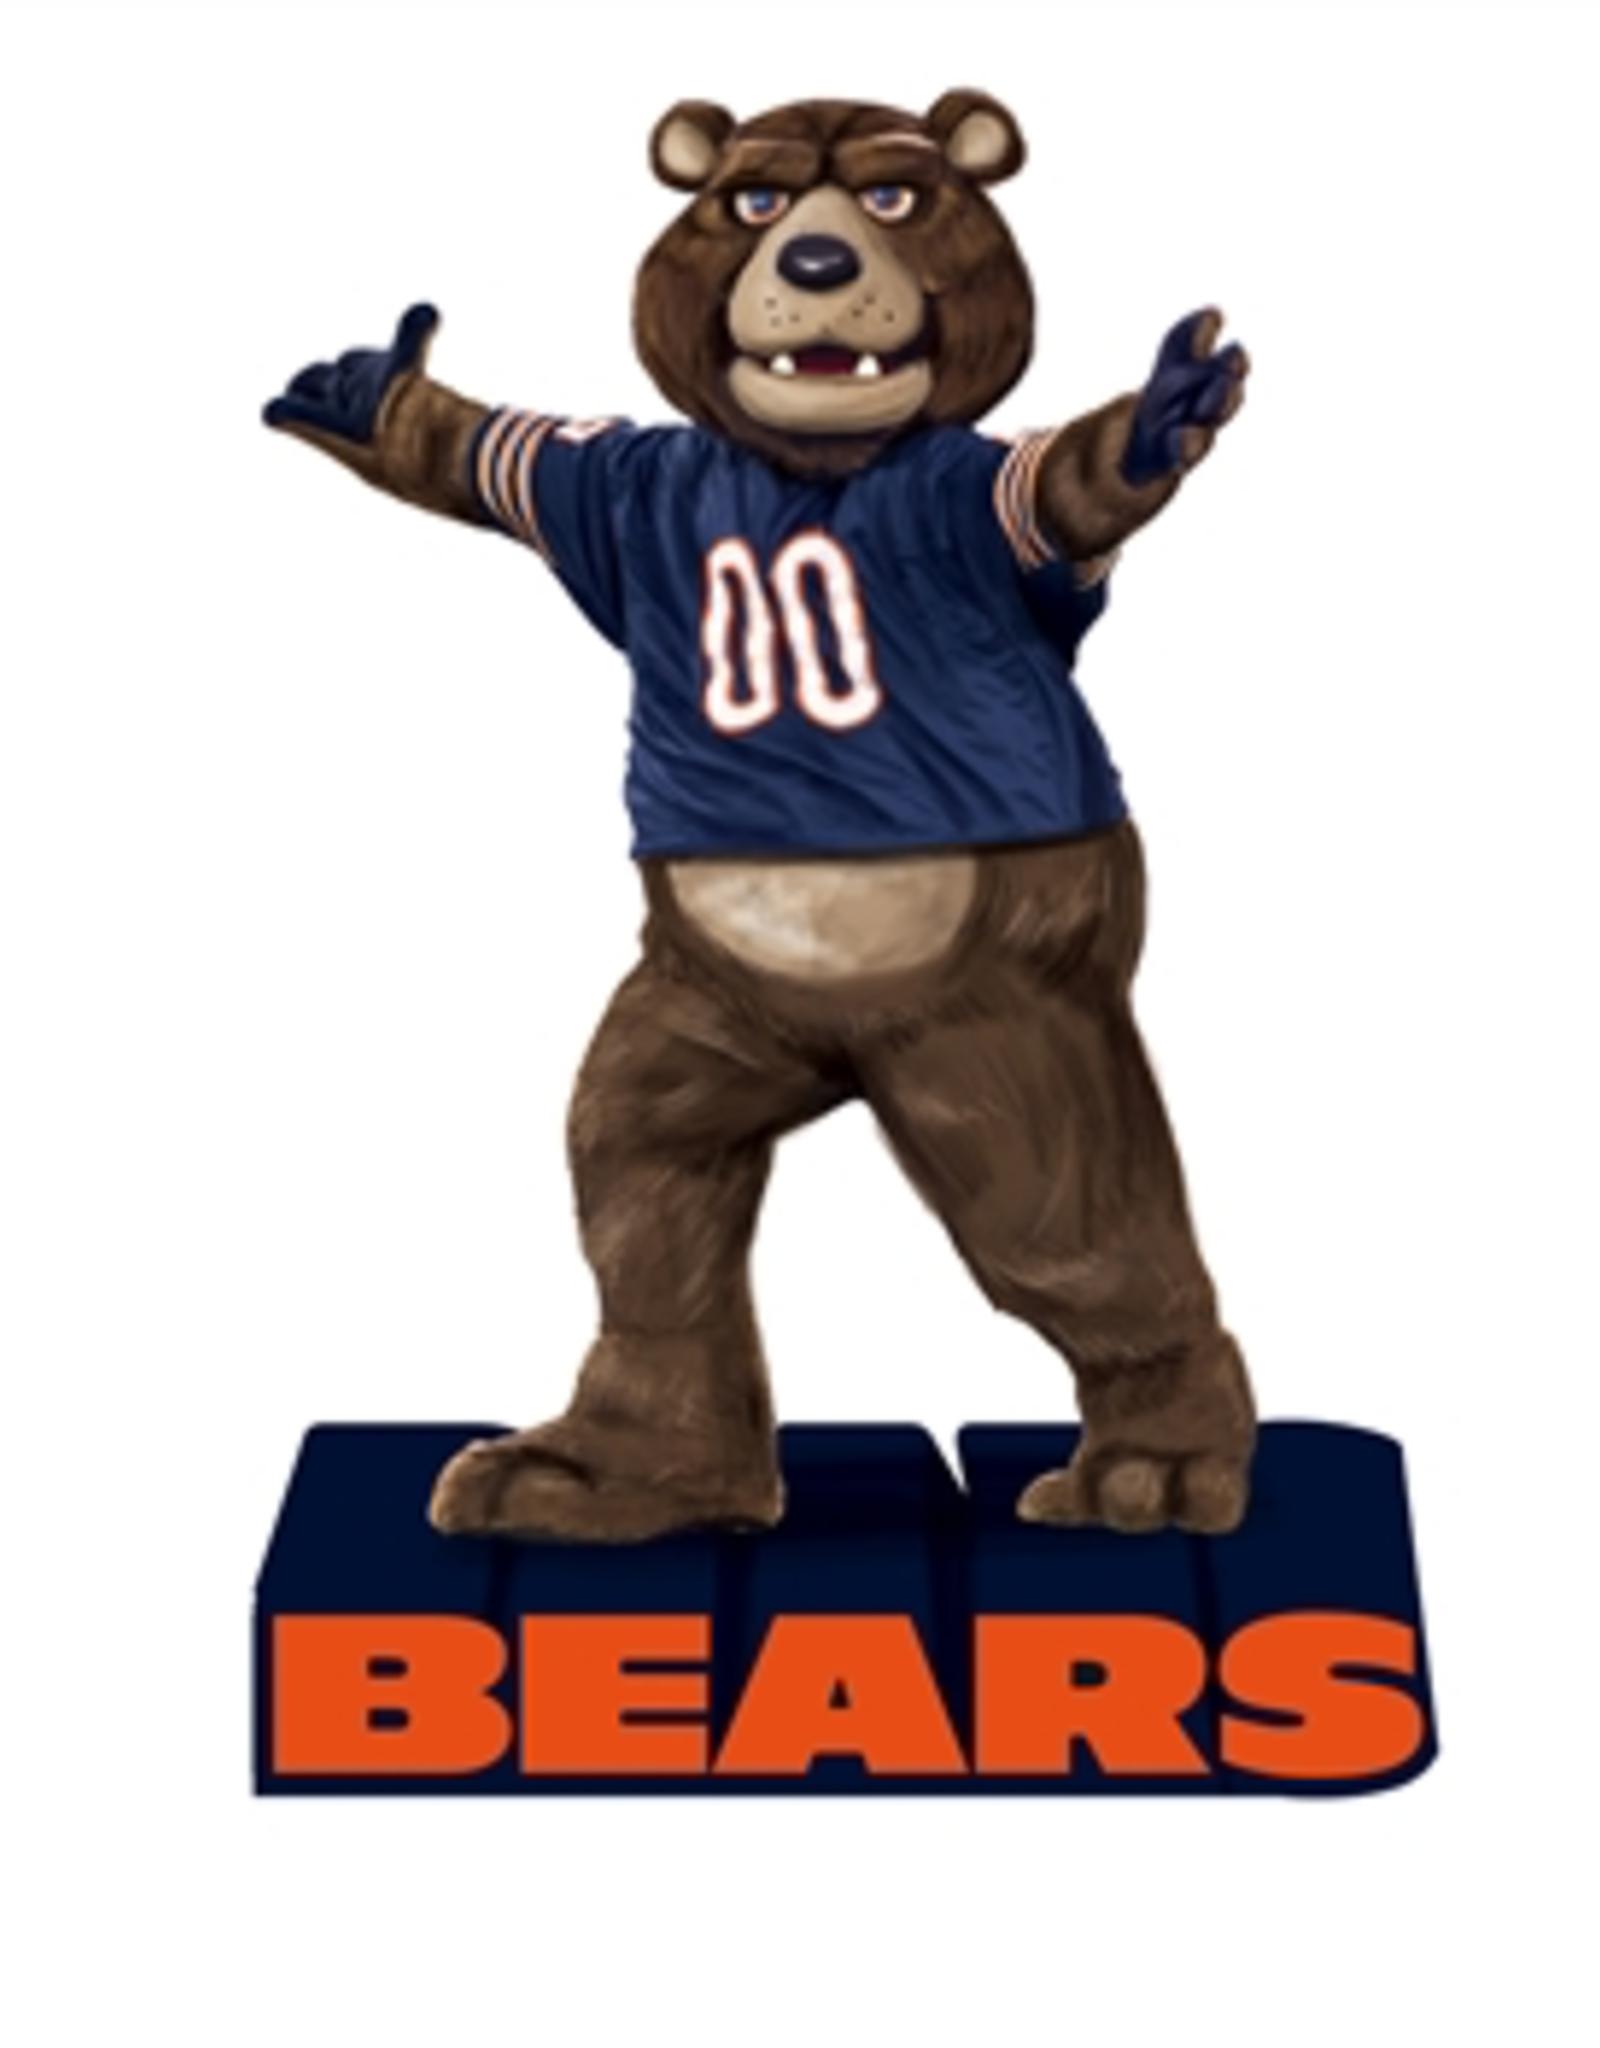 EVERGREEN Chicago Bears Mascot Statue